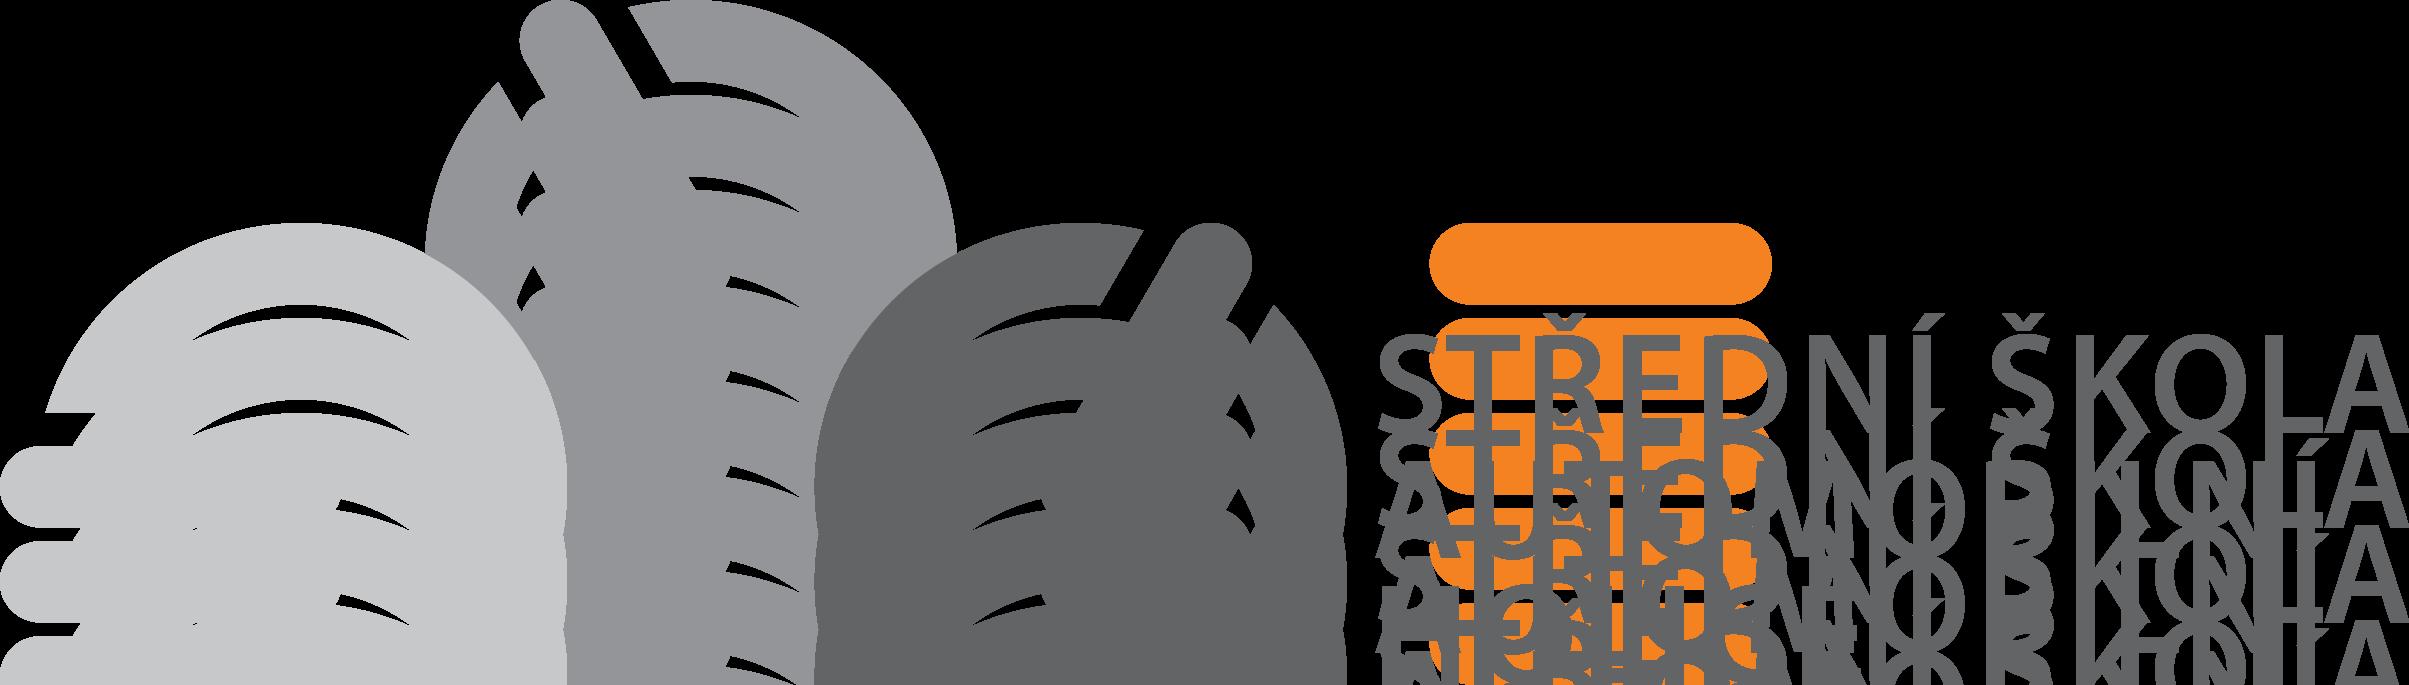 Střední škola automobilní Holice logo